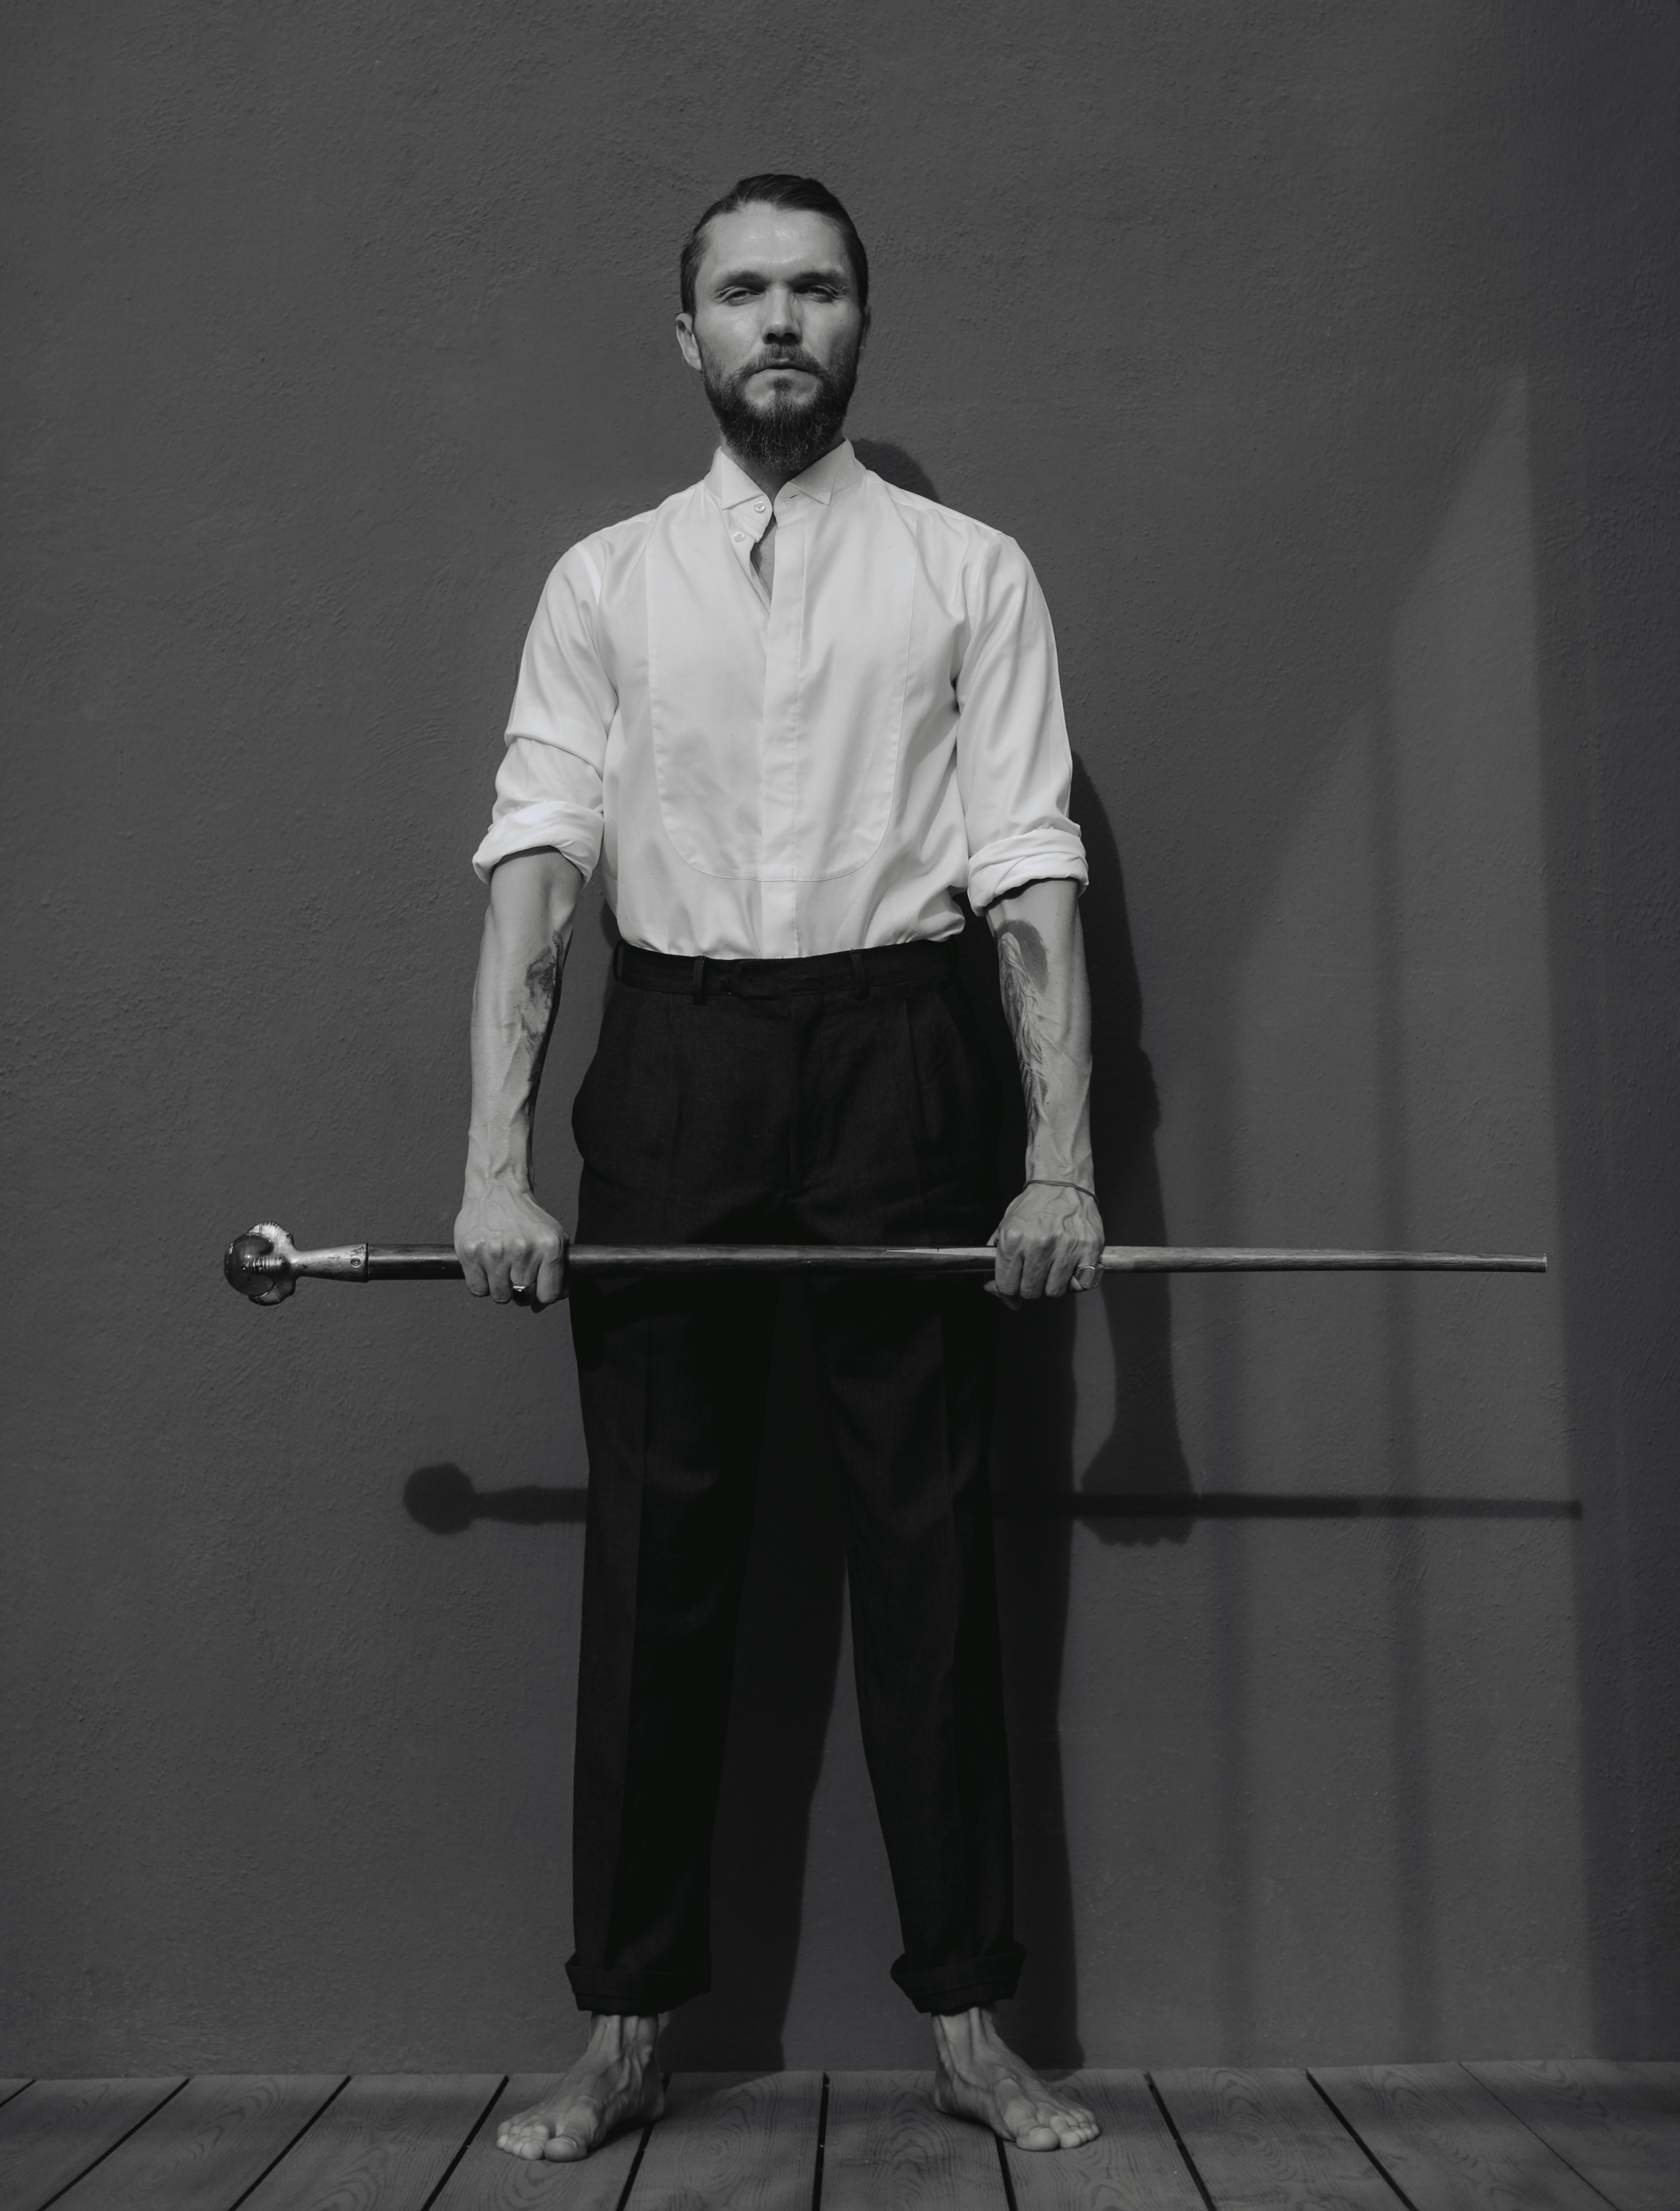 Nicko Nogues - retrato - hombre parado con bastón